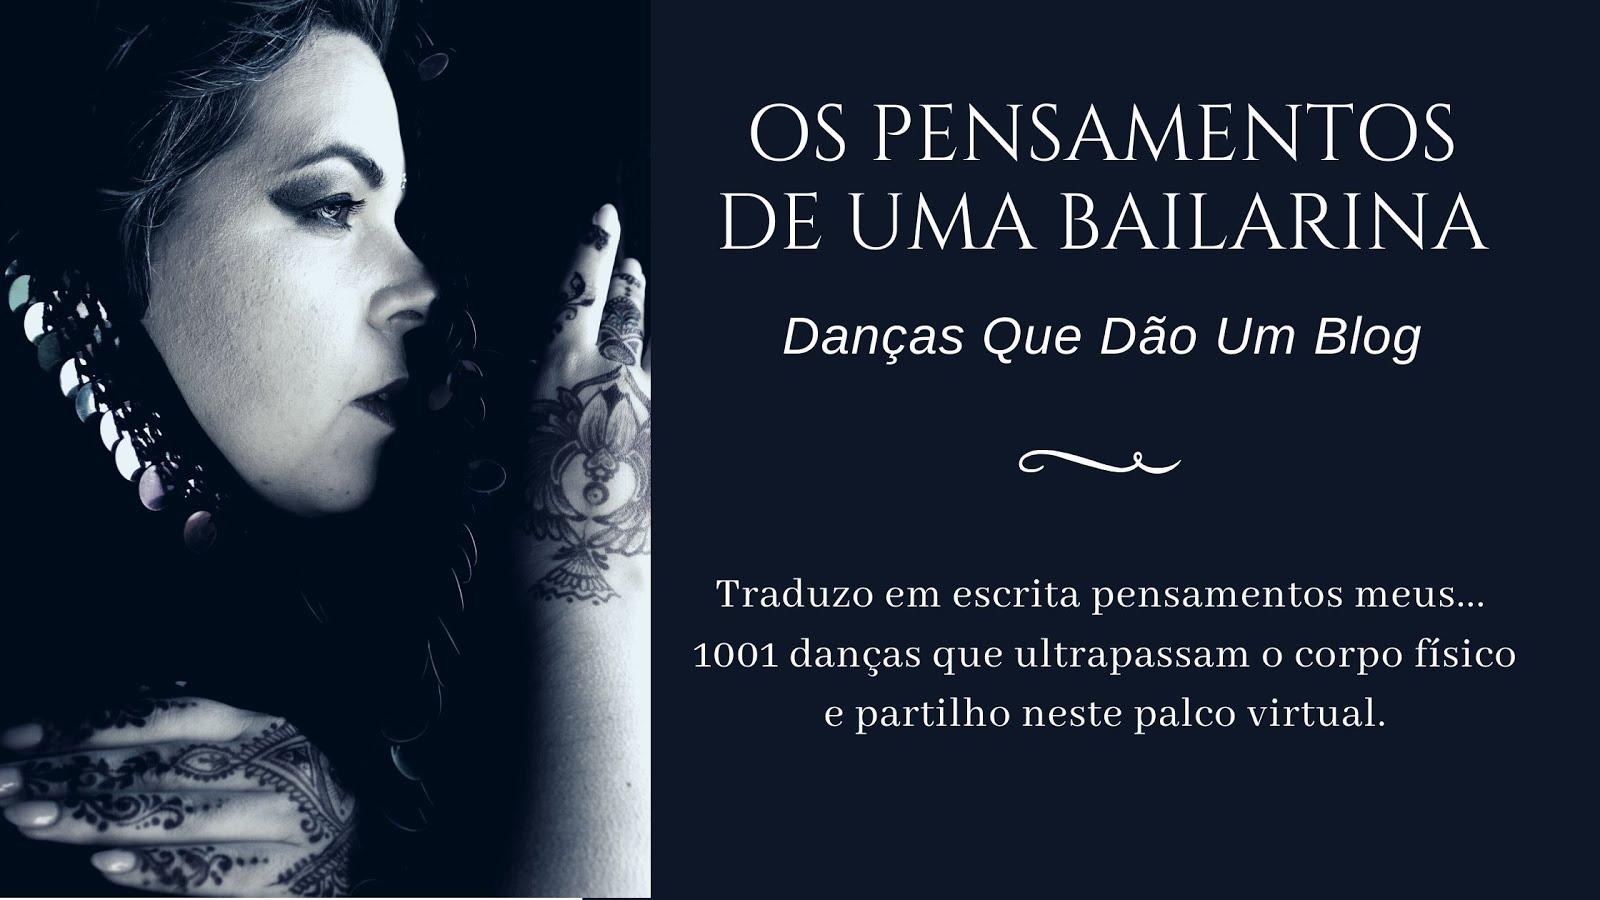 OS PENSAMENTOS DE UMA BAILARINA... Danças Que Dão um Blog